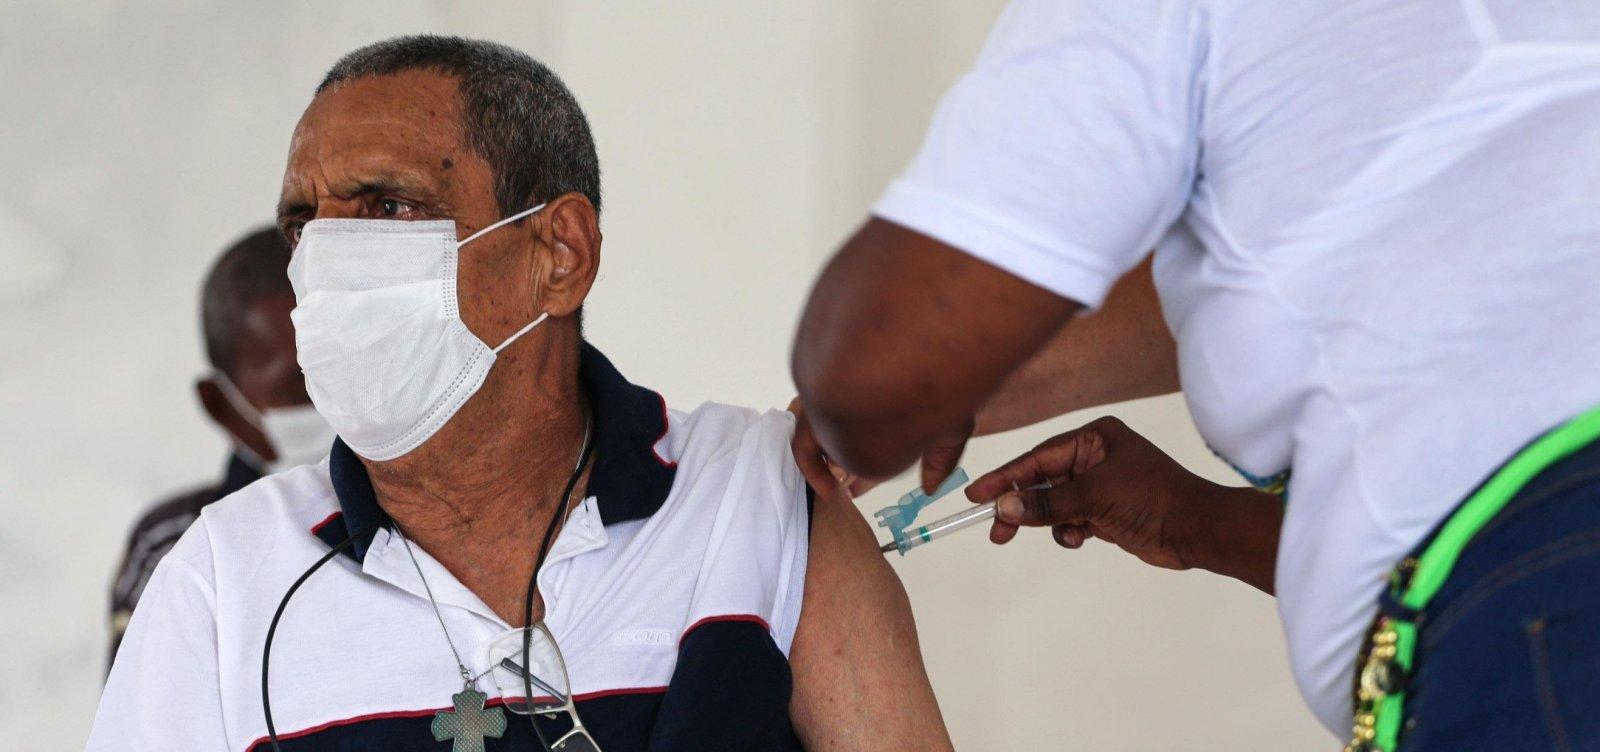 Bahia tem 378.843 pessoas vacinadas contra Covid-19